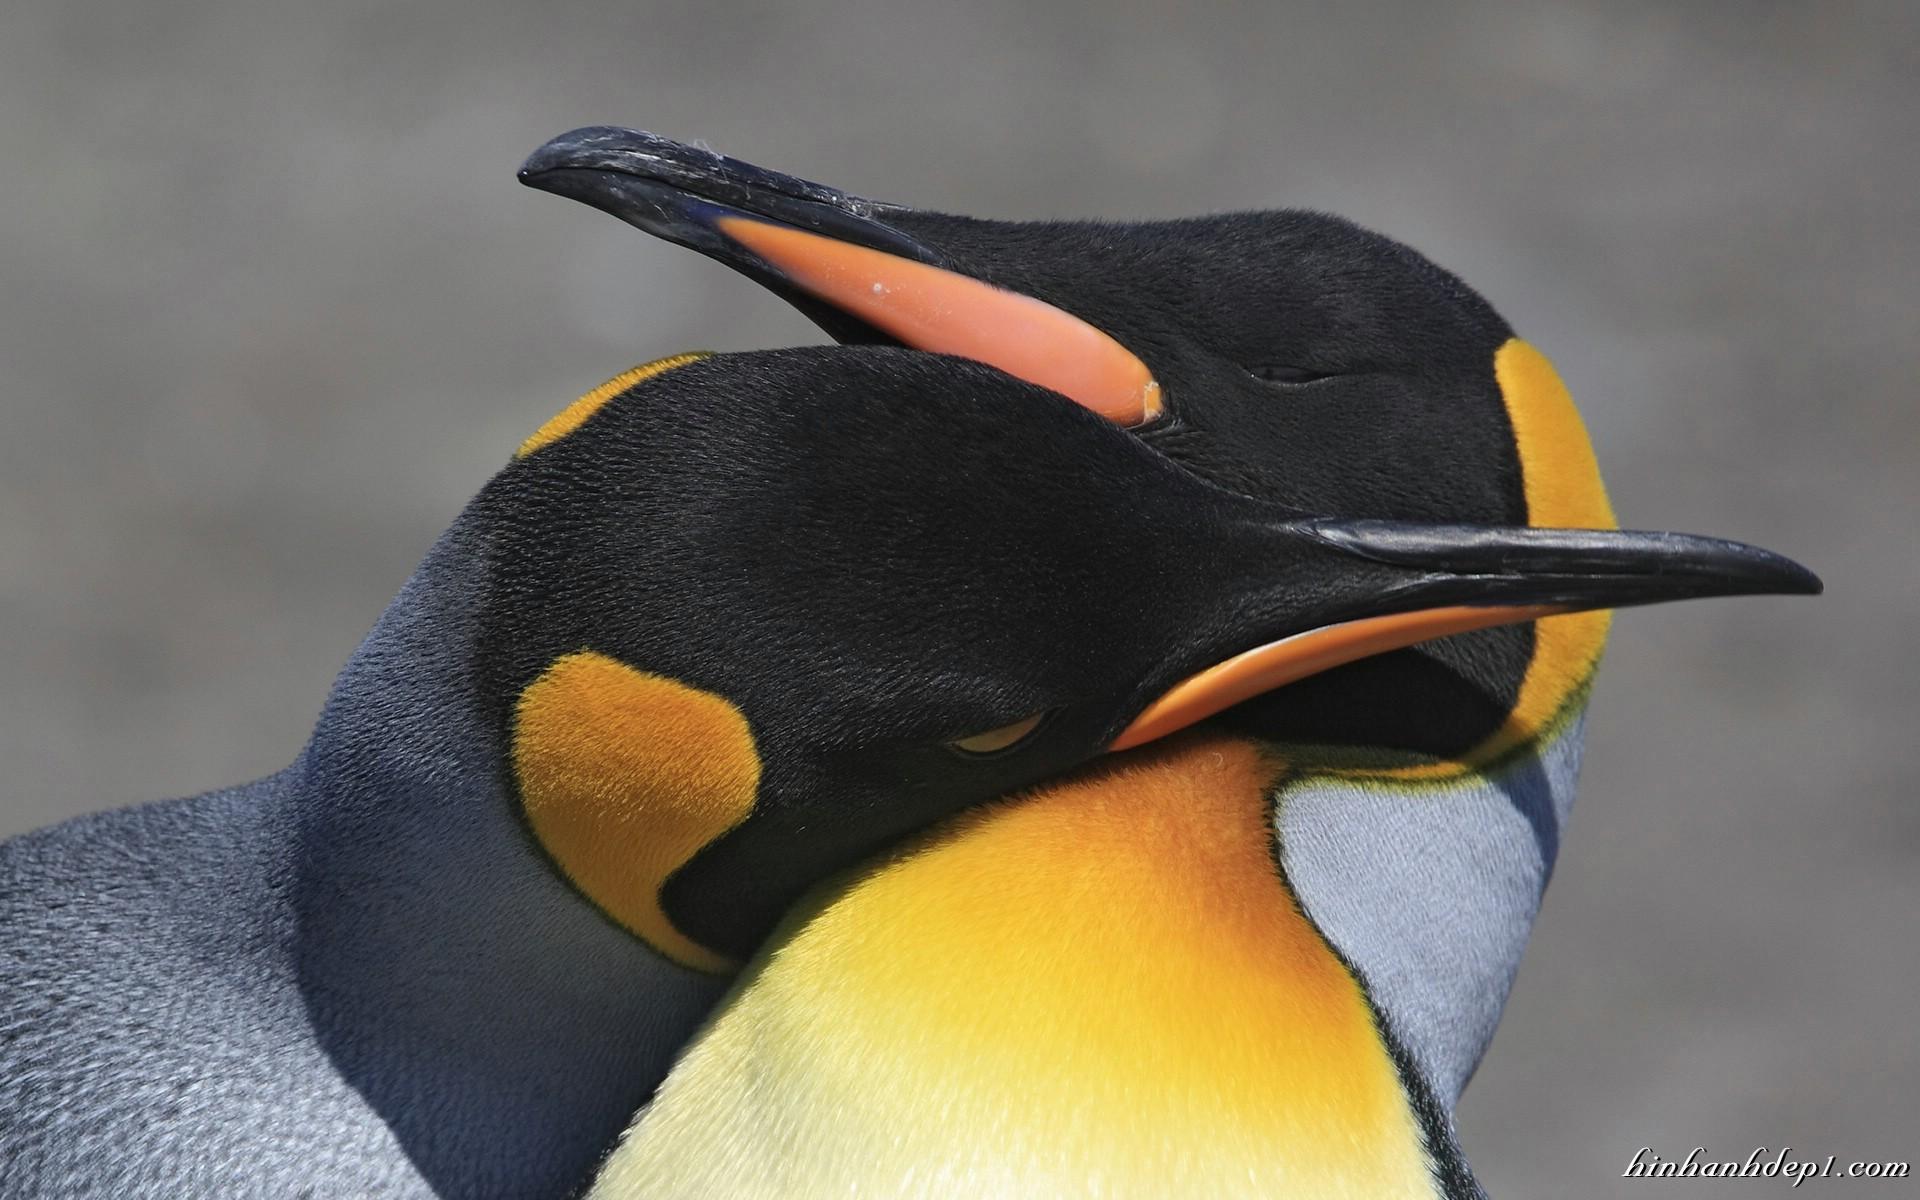 Bộ hình nền các loài động vật đáng yêu full HD đẹp và dễ thương